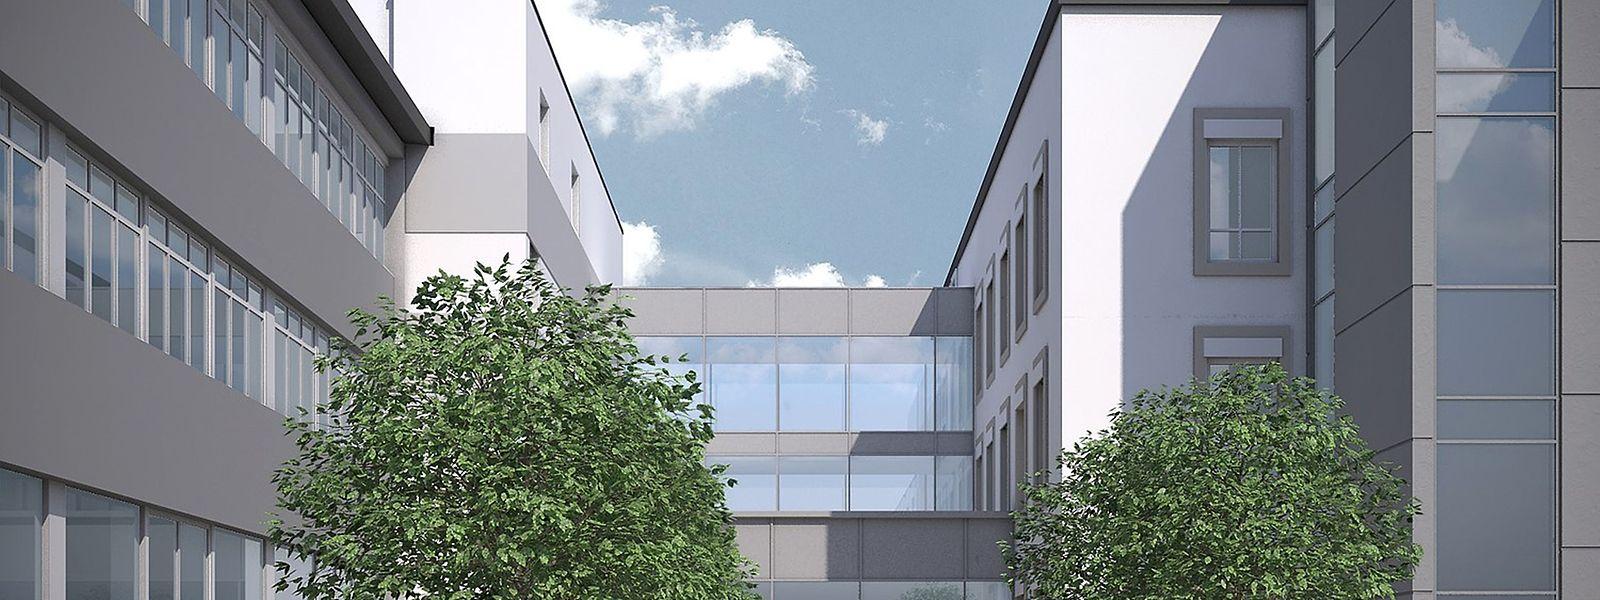 Voraussichtlich im April 2019 soll das neue Gebäude bezugsfertig sein.